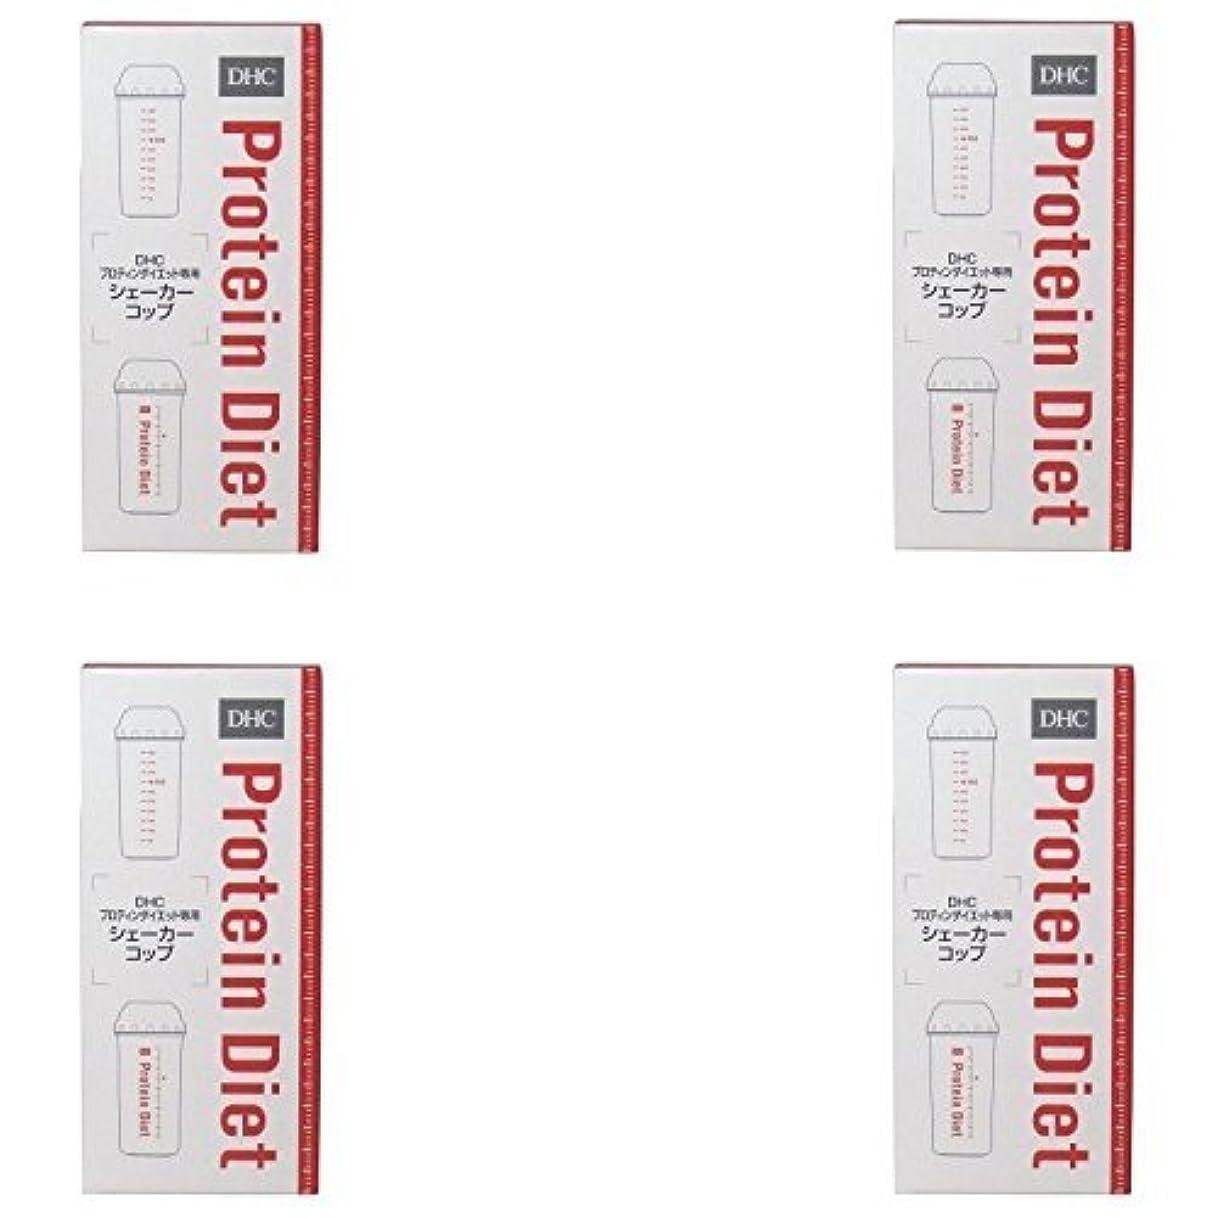 不機嫌そうな一緒に値【まとめ買い】DHC プロティンダイエット専用シェーカーコップ 1個【×4セット】